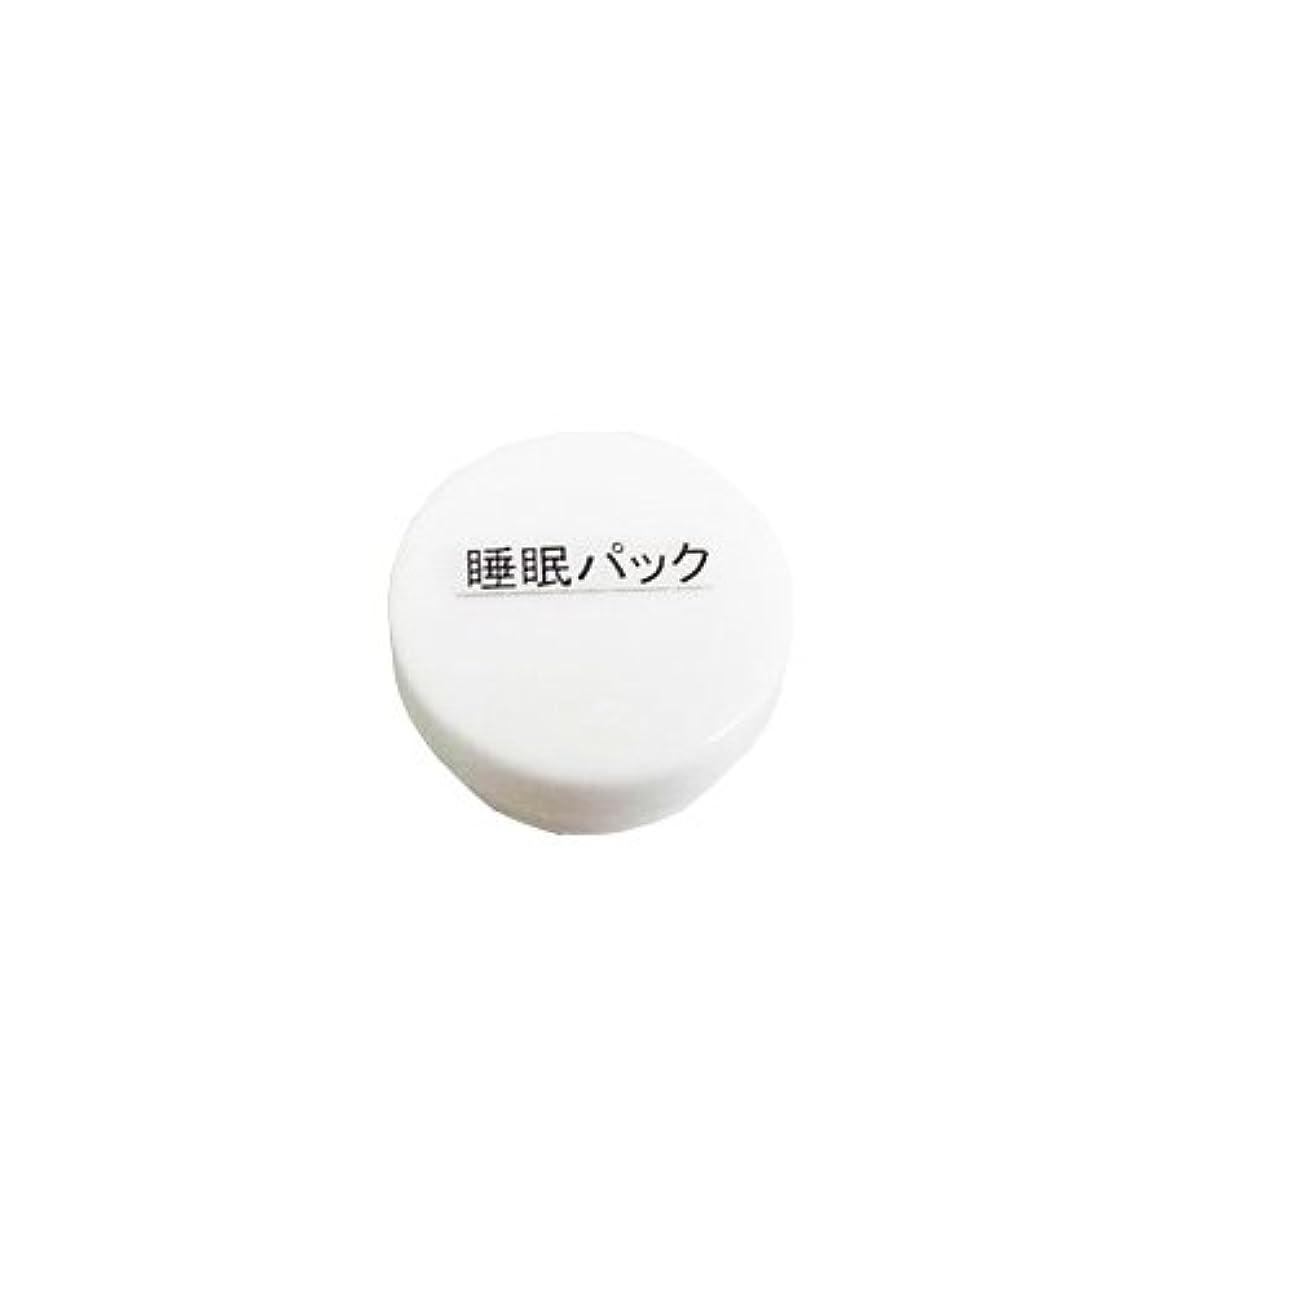 円形の署名ポーズ睡眠ナイトクリームパック お試し×1個